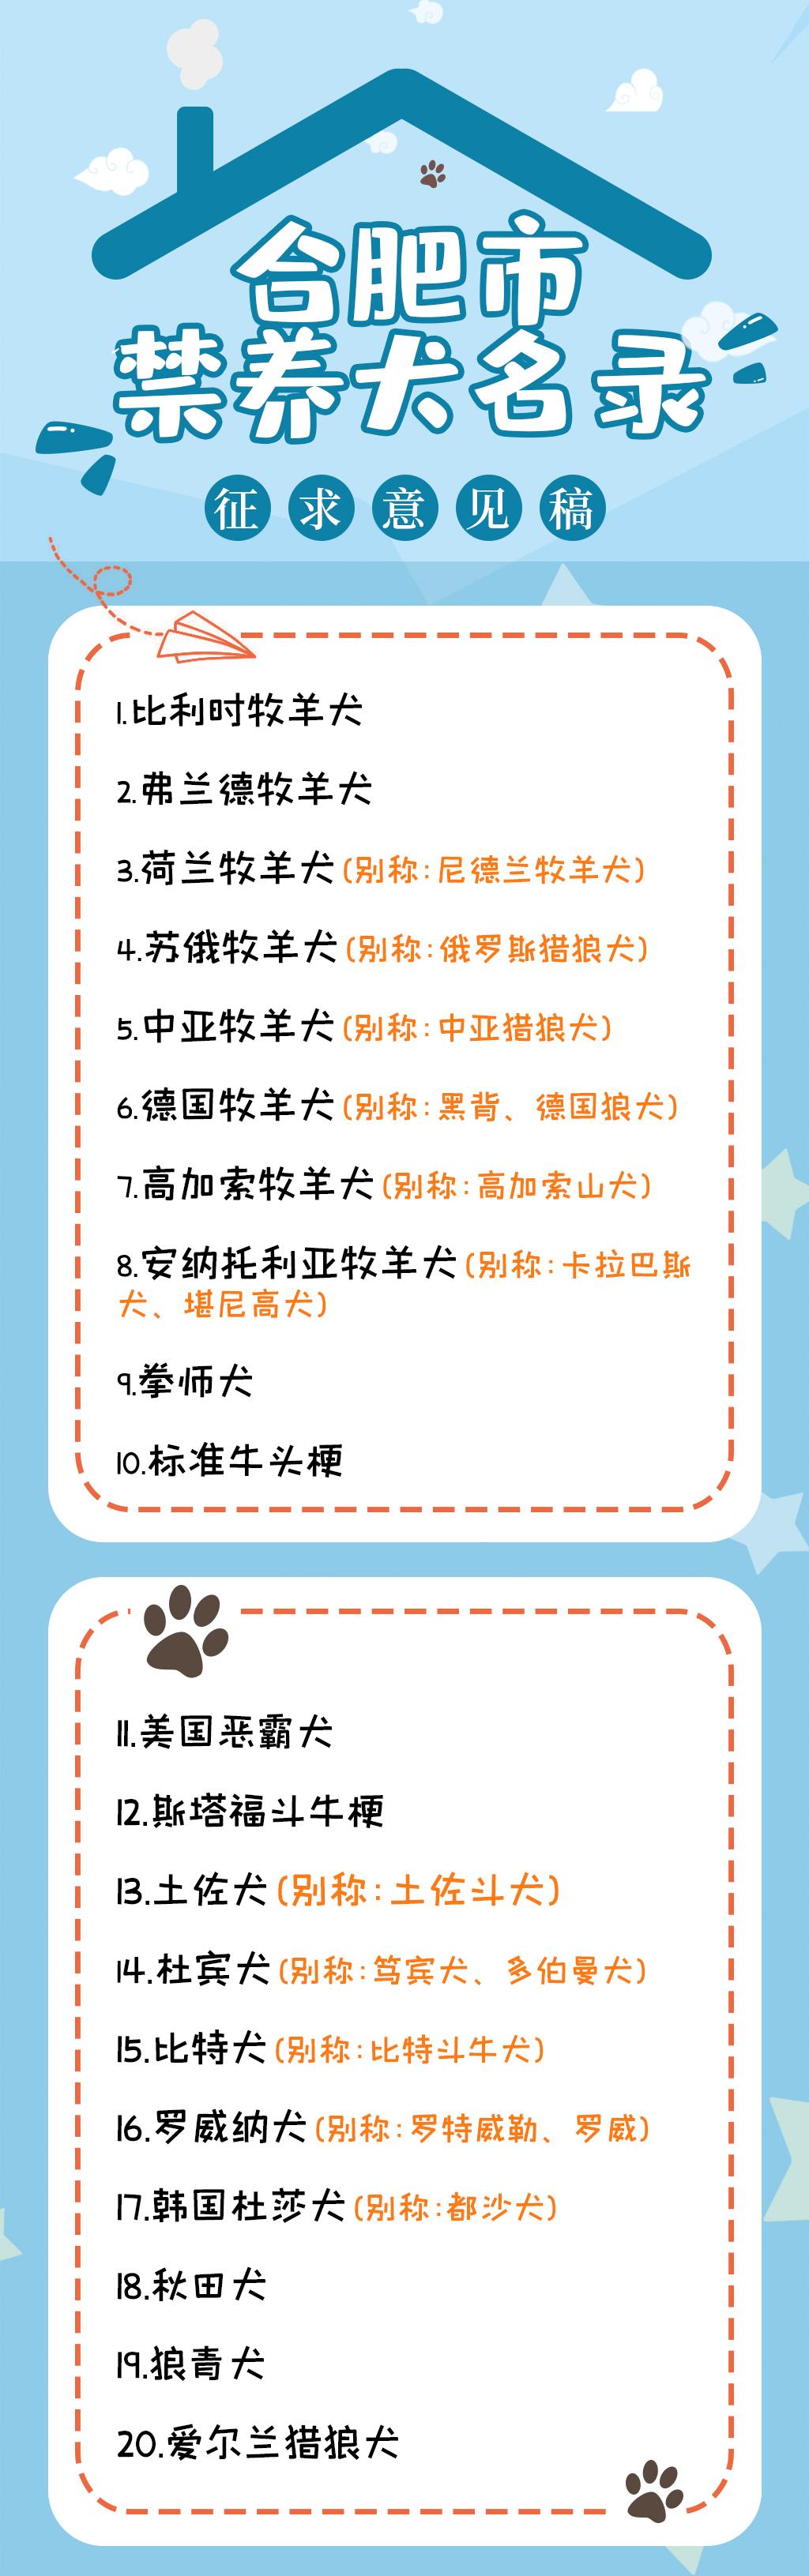 摩天平台:养犬名录征求意见稿加大对犬摩天平台只管图片